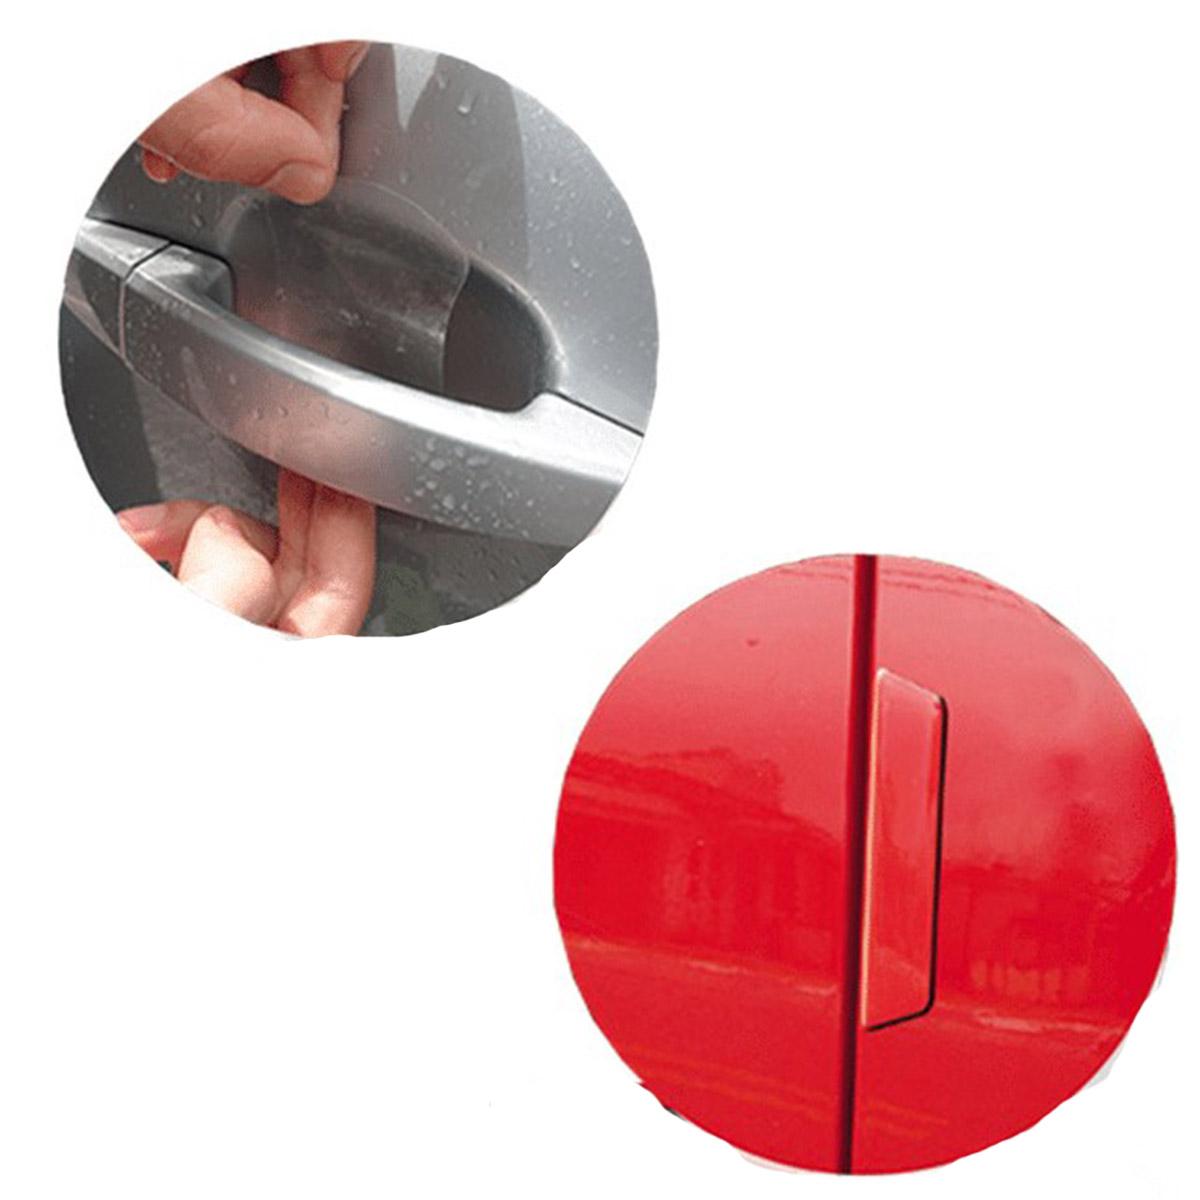 Kit Protetor de Porta e Maçaneta Universal Transparente Tamanho M